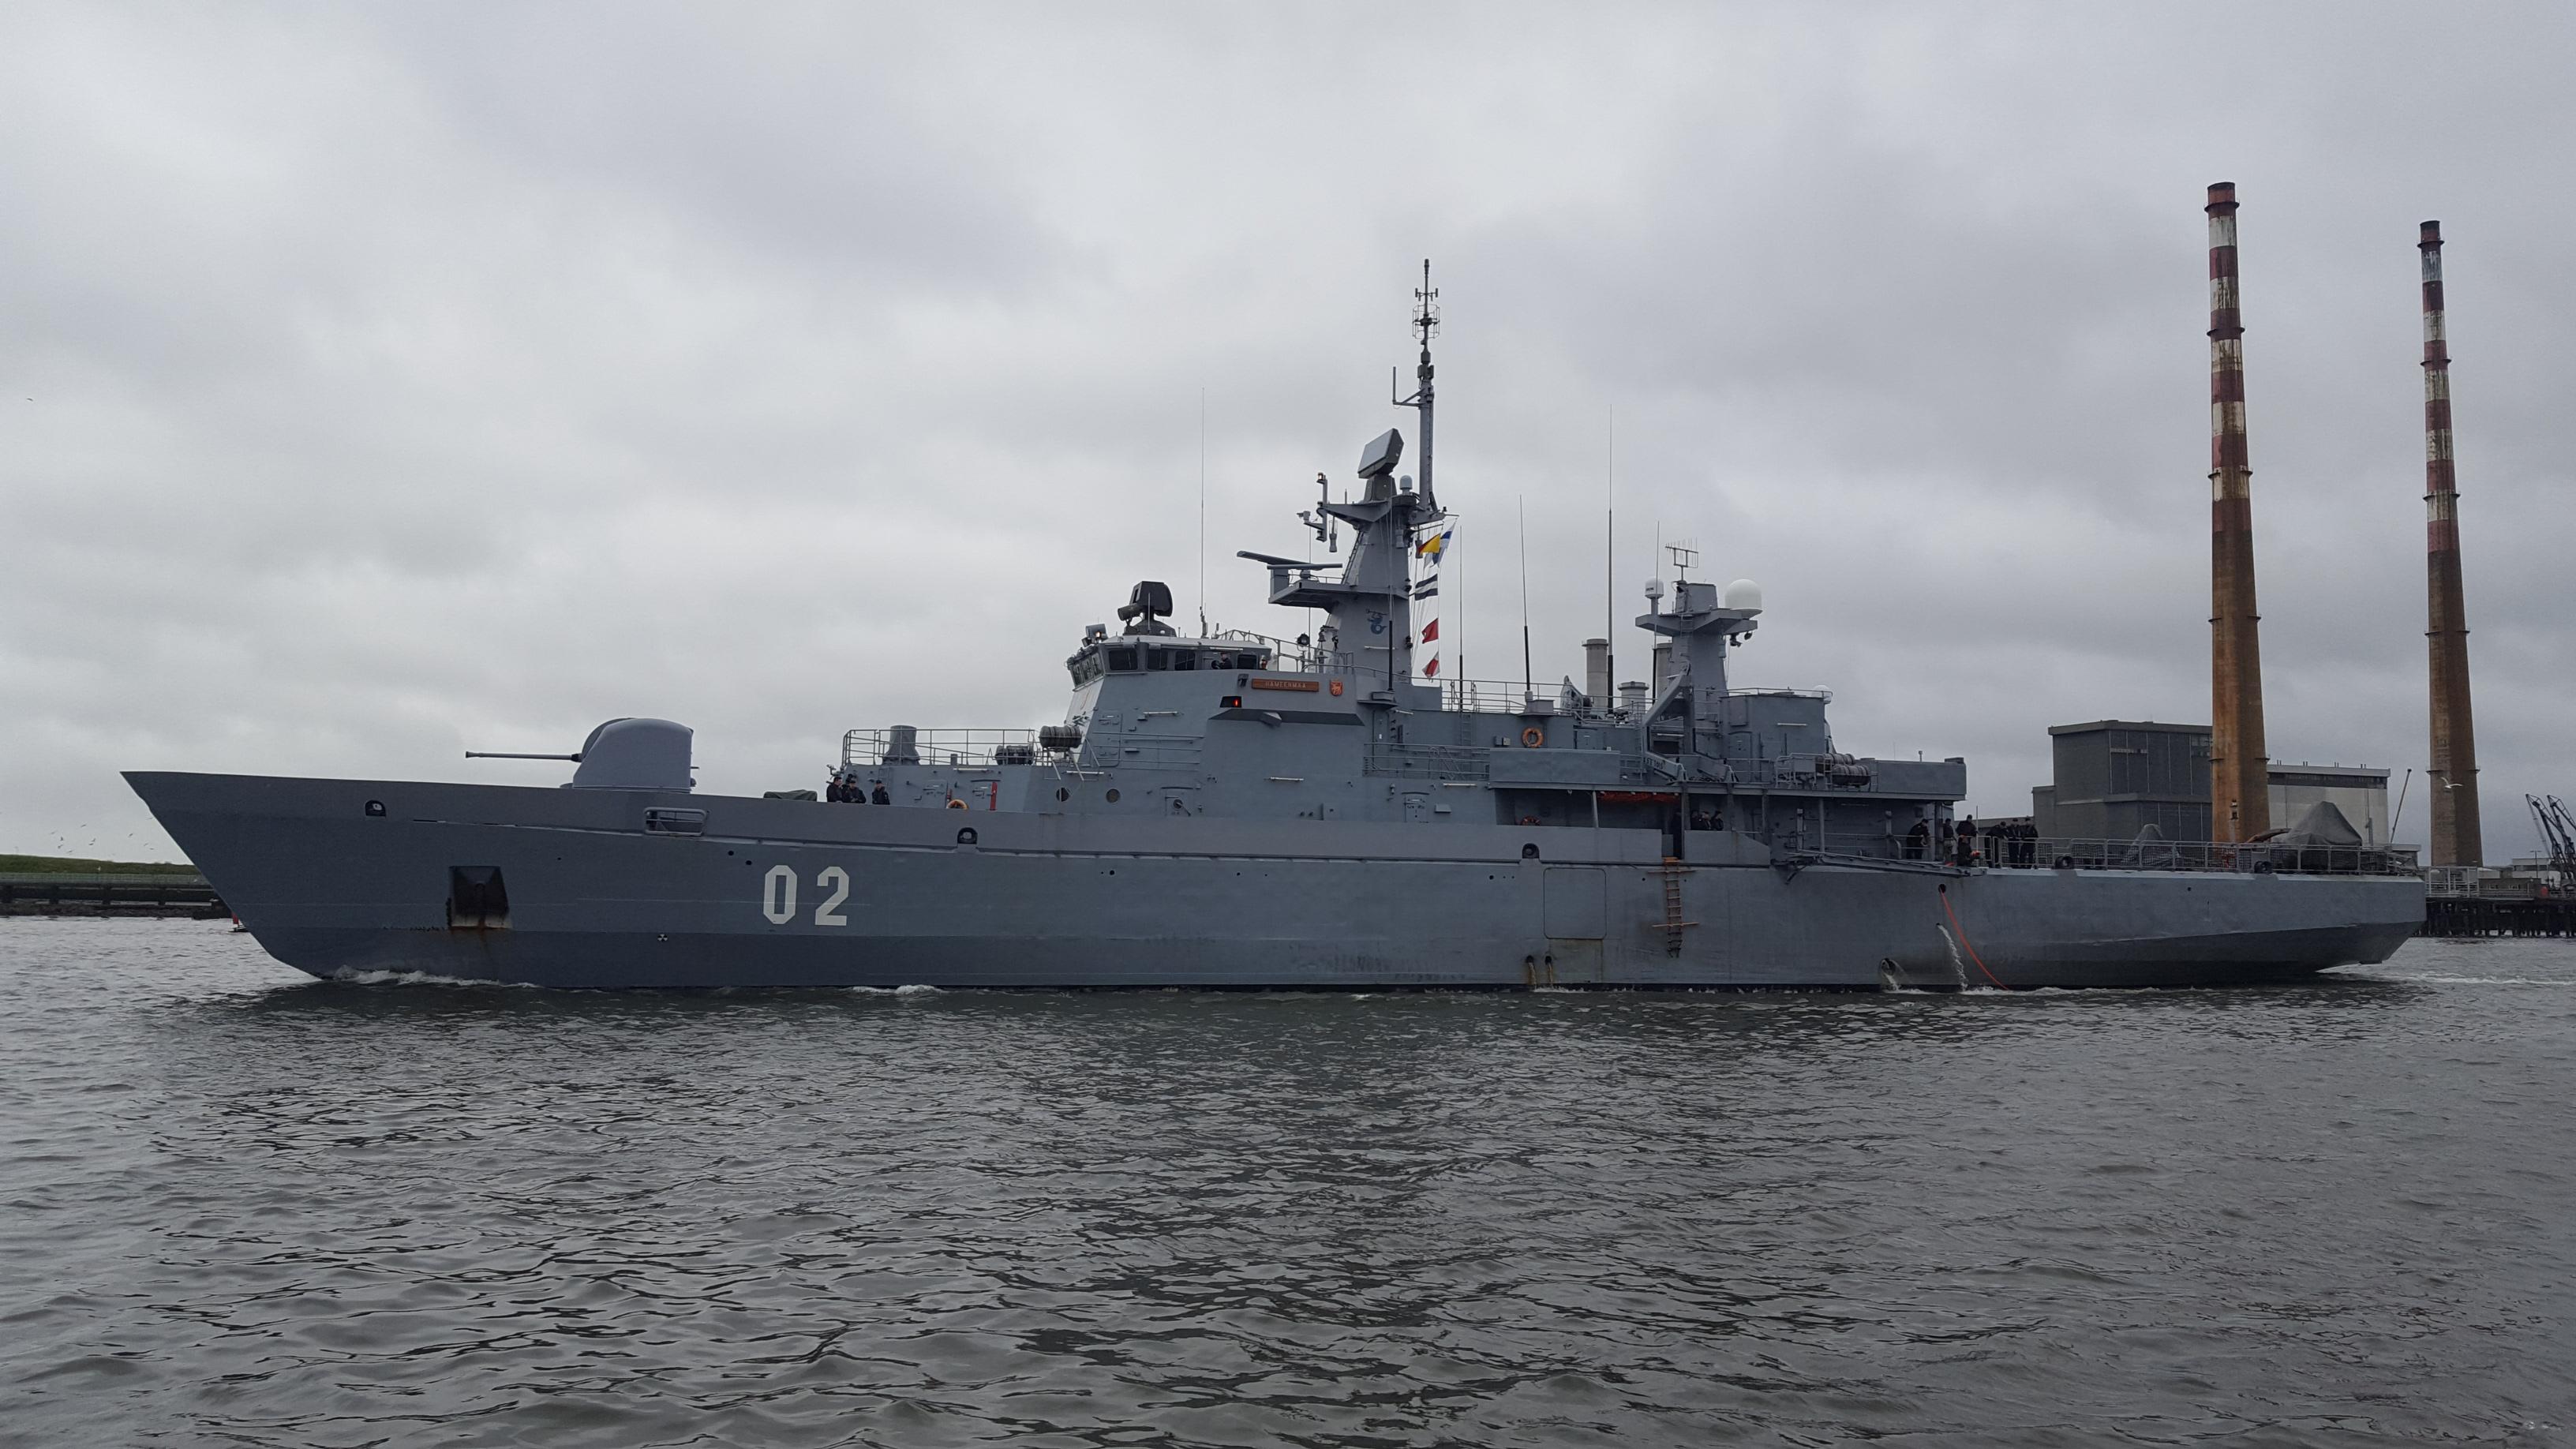 Finnish Navy - Marine finlandaise 2672726